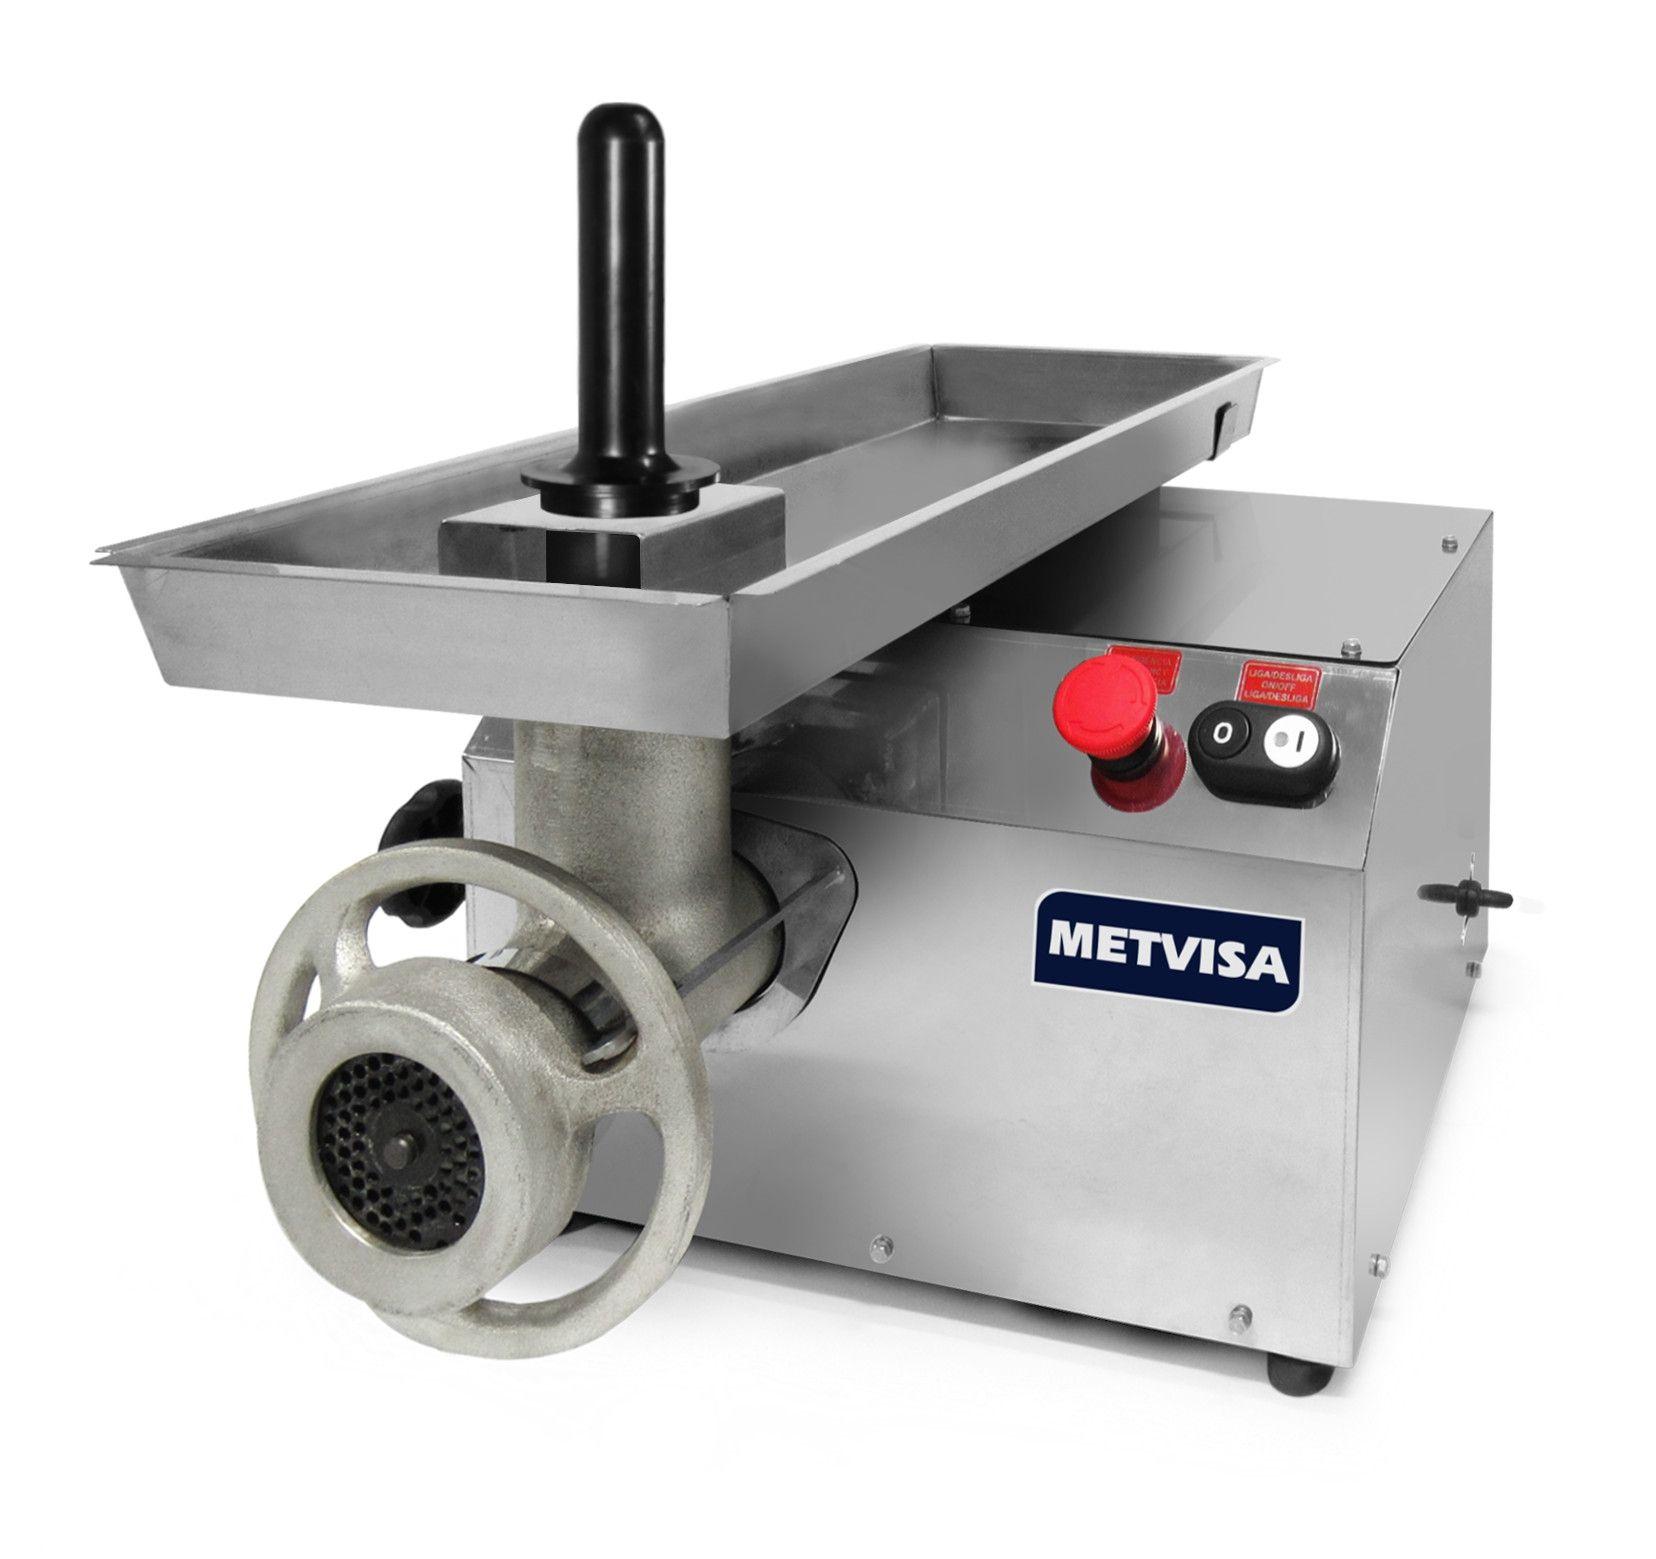 Picador Moedor de Carne Boca 10 Metvisa - PCL10L220M60N5